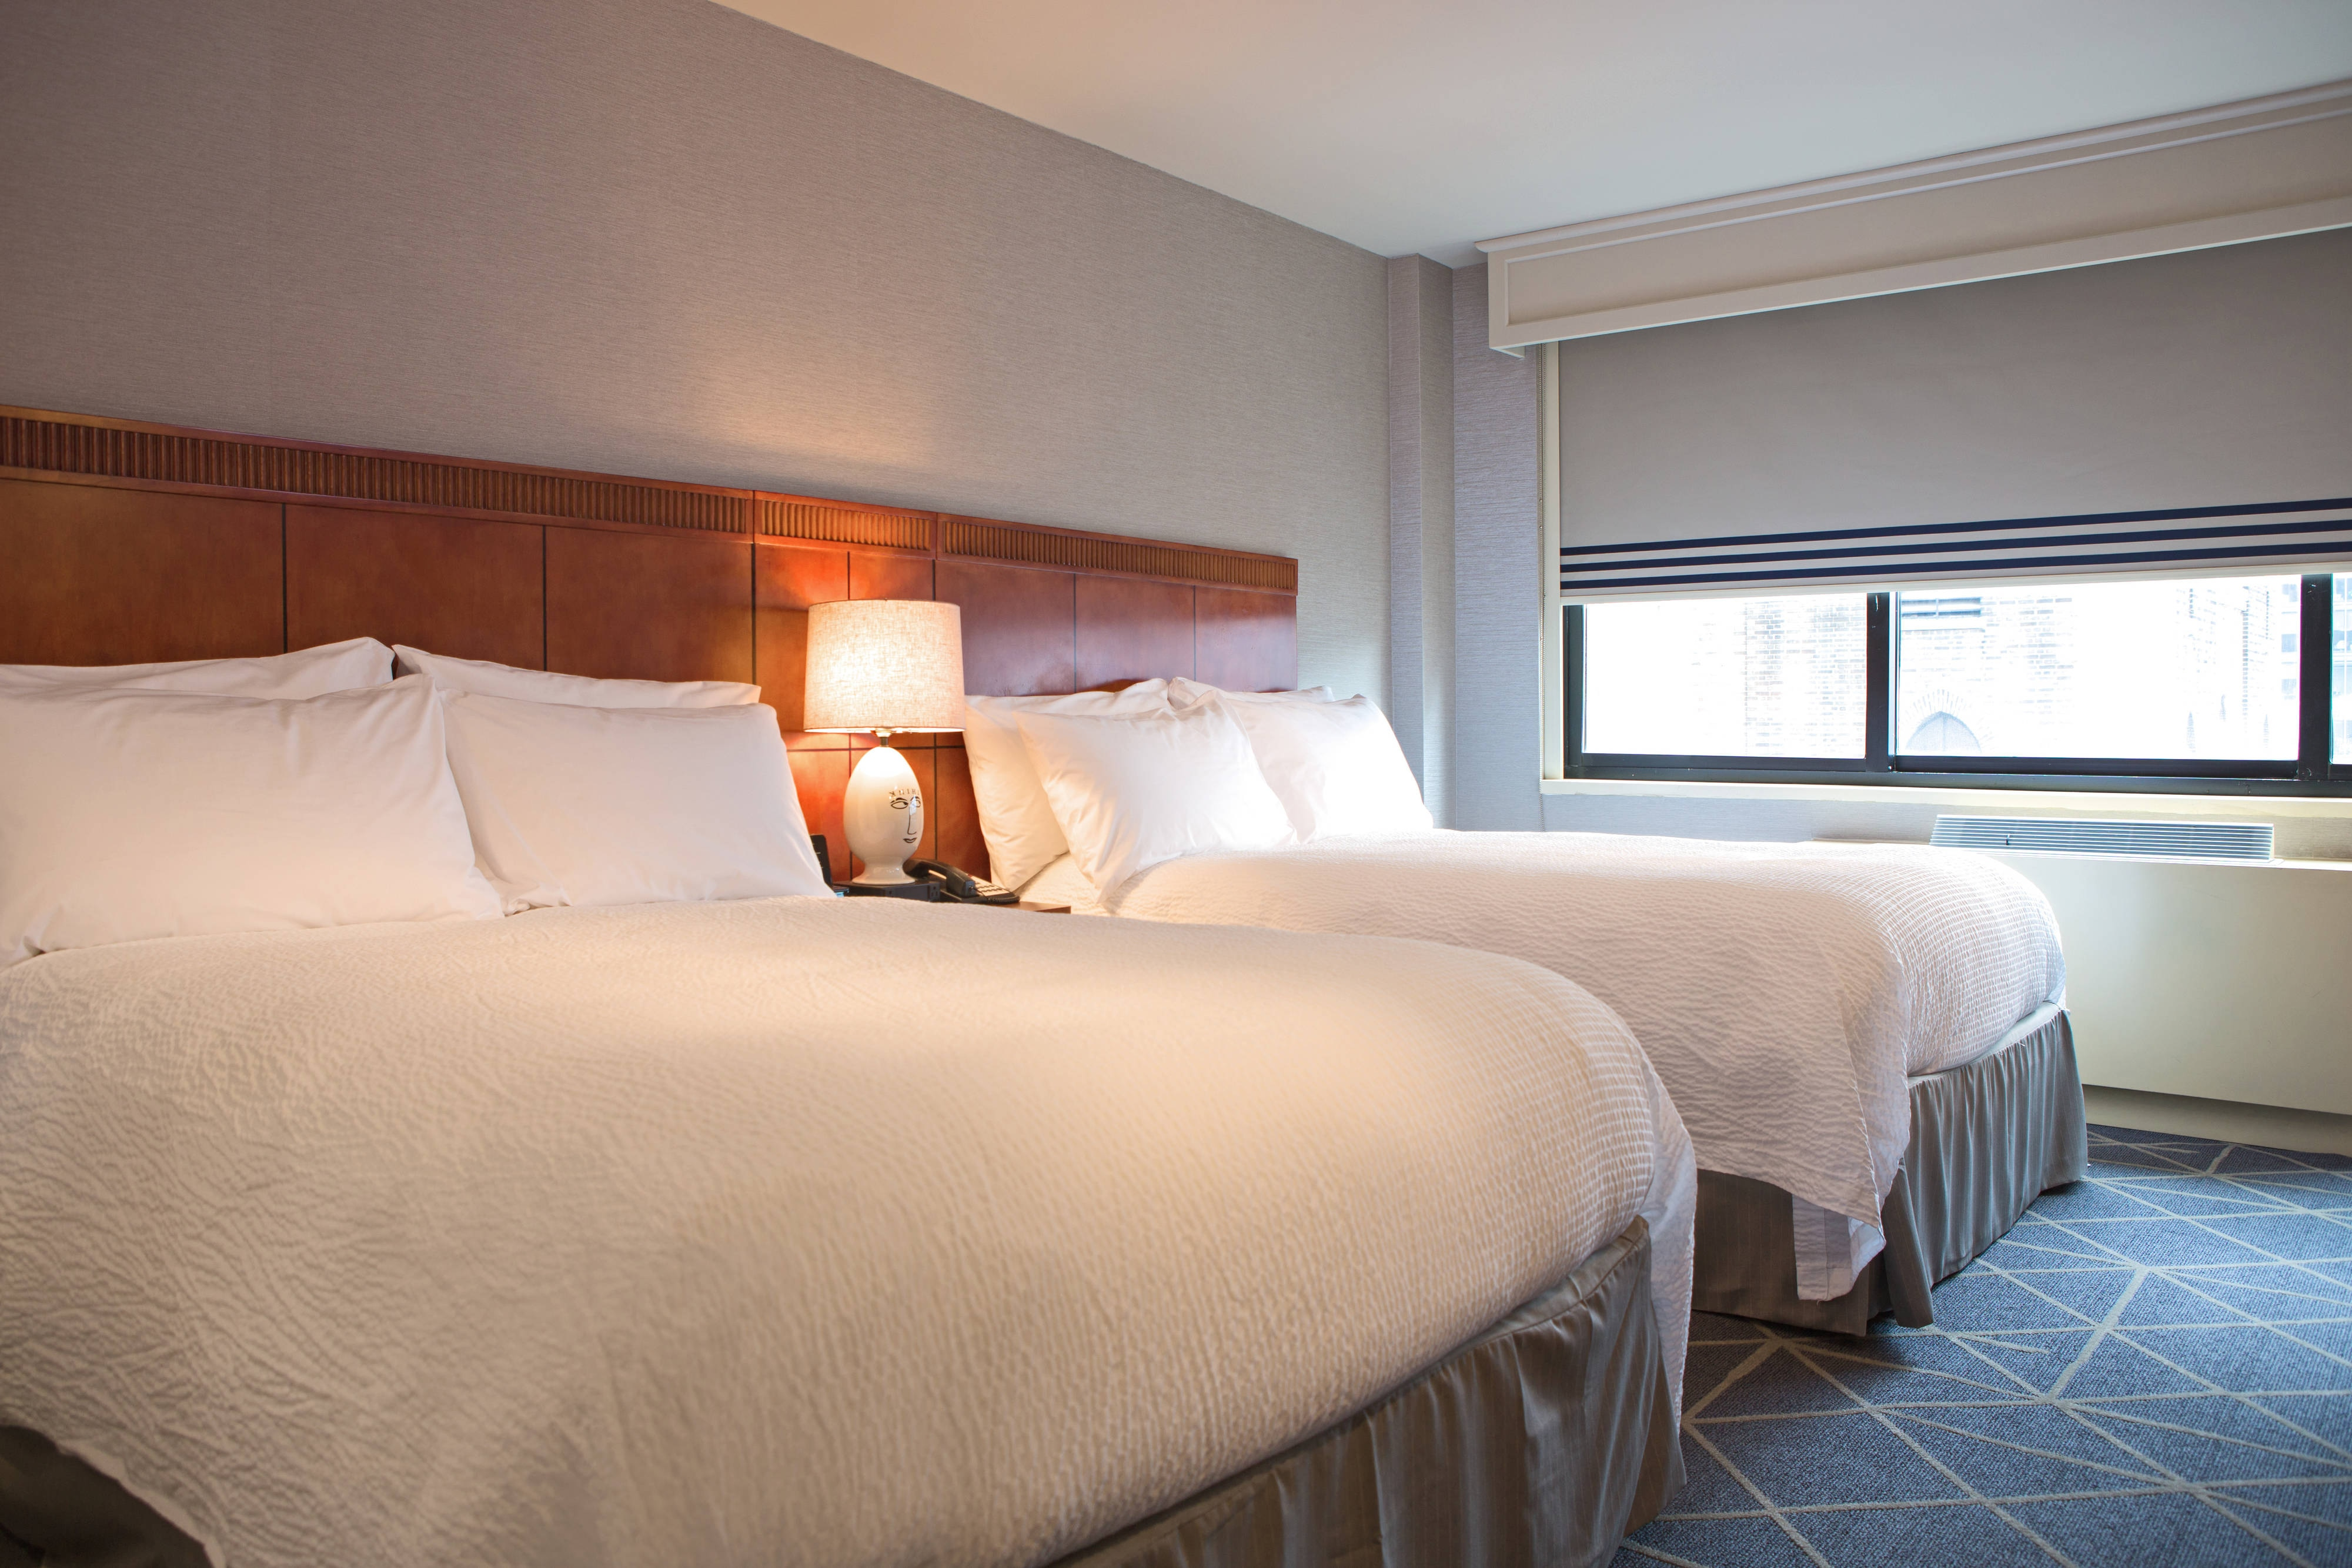 Camera con due letti matrimoniali